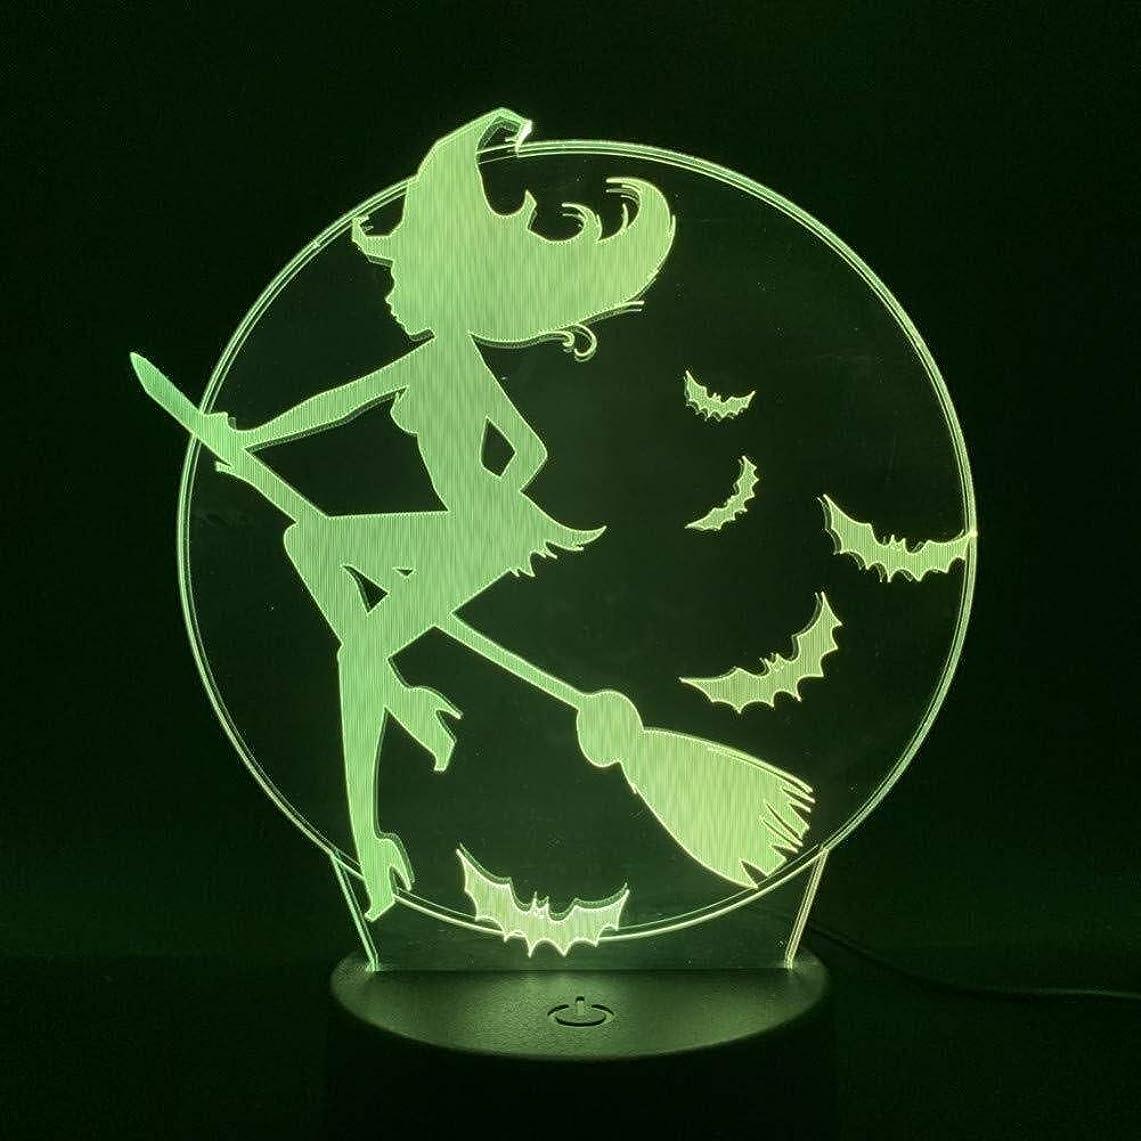 対象業界天才3DイリュージョンクリエイティブLEDランプタッチセンサー7色のランプベッドルームベッドサイドアクリル装飾的なデスクランプキッズフェスティバル誕生日プレゼントのUSB充電